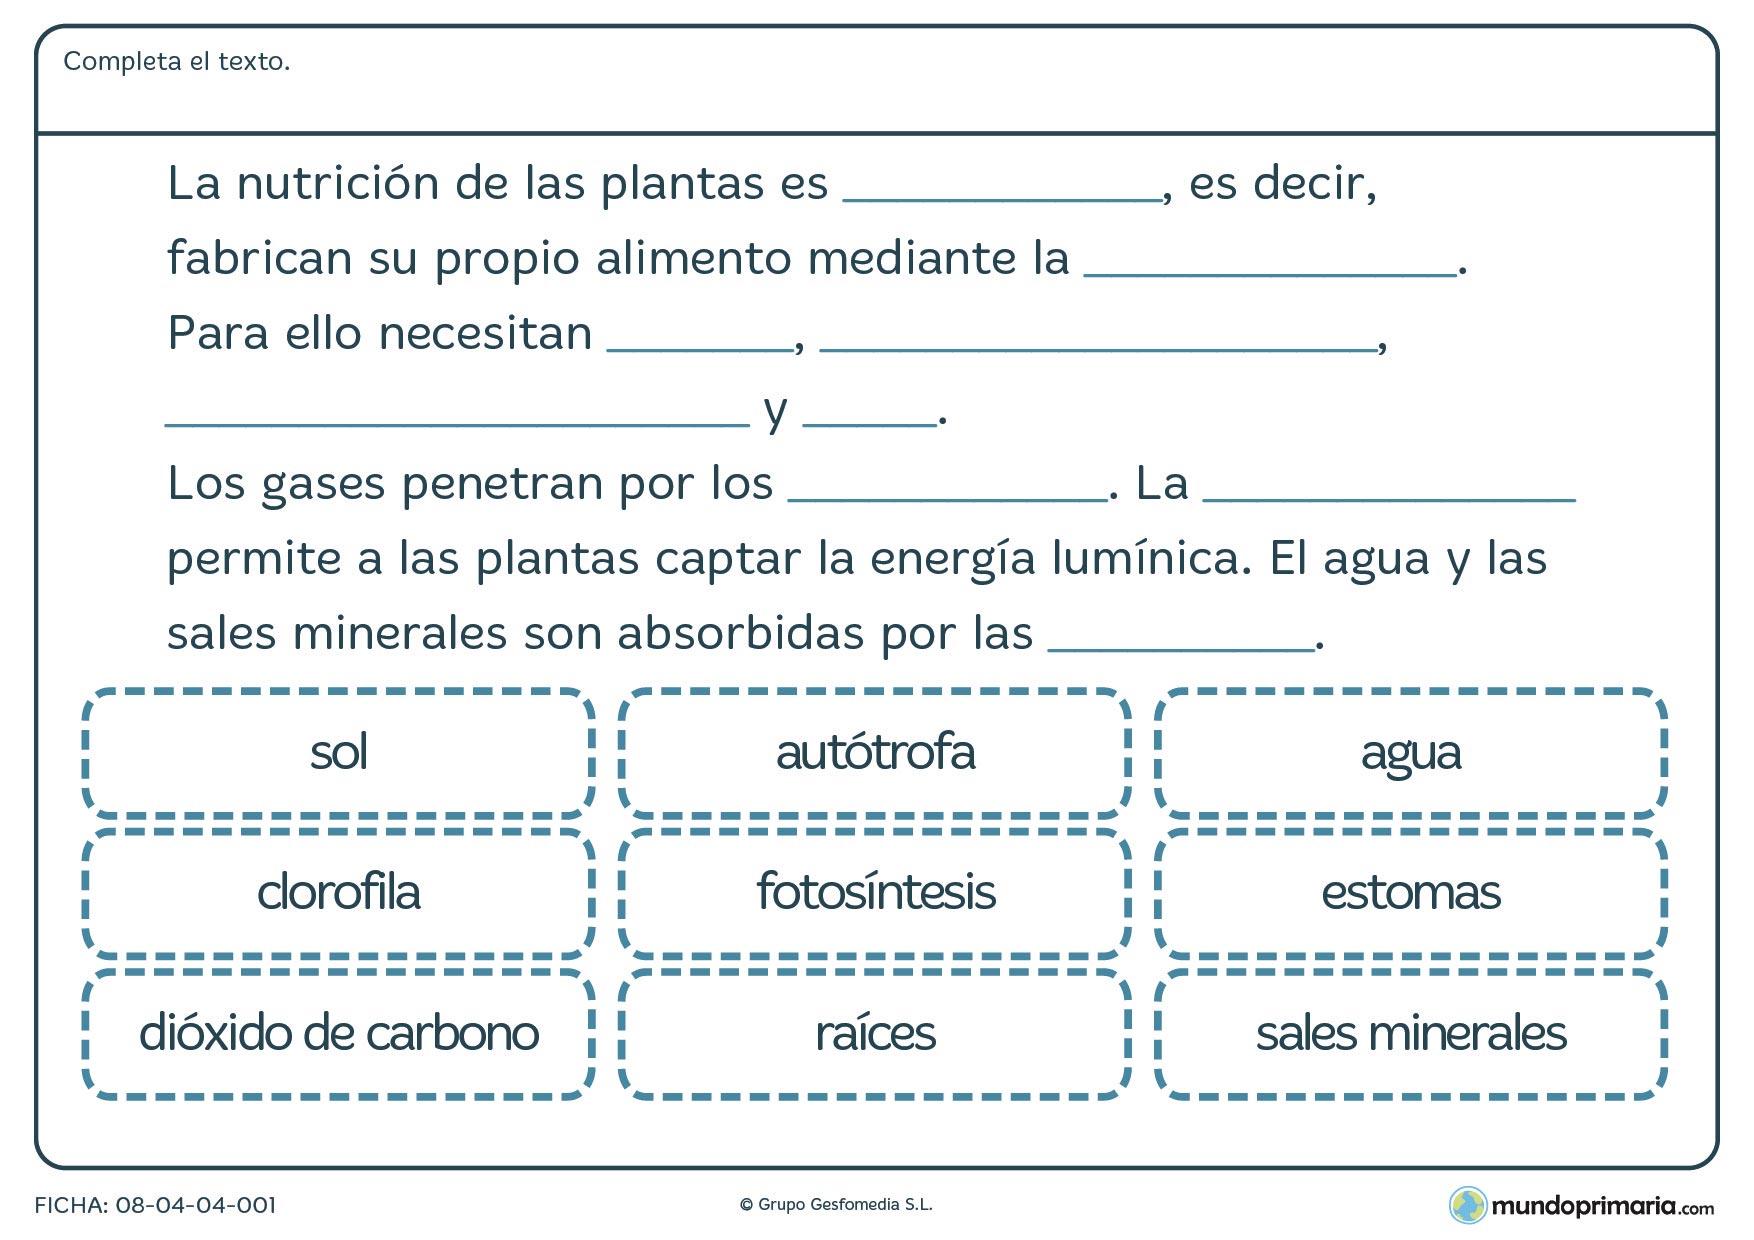 Ficha de nutrición de las plantas en la que habrá de rellenar los huecos con las palabras referidas a la nutrición de las plantas.